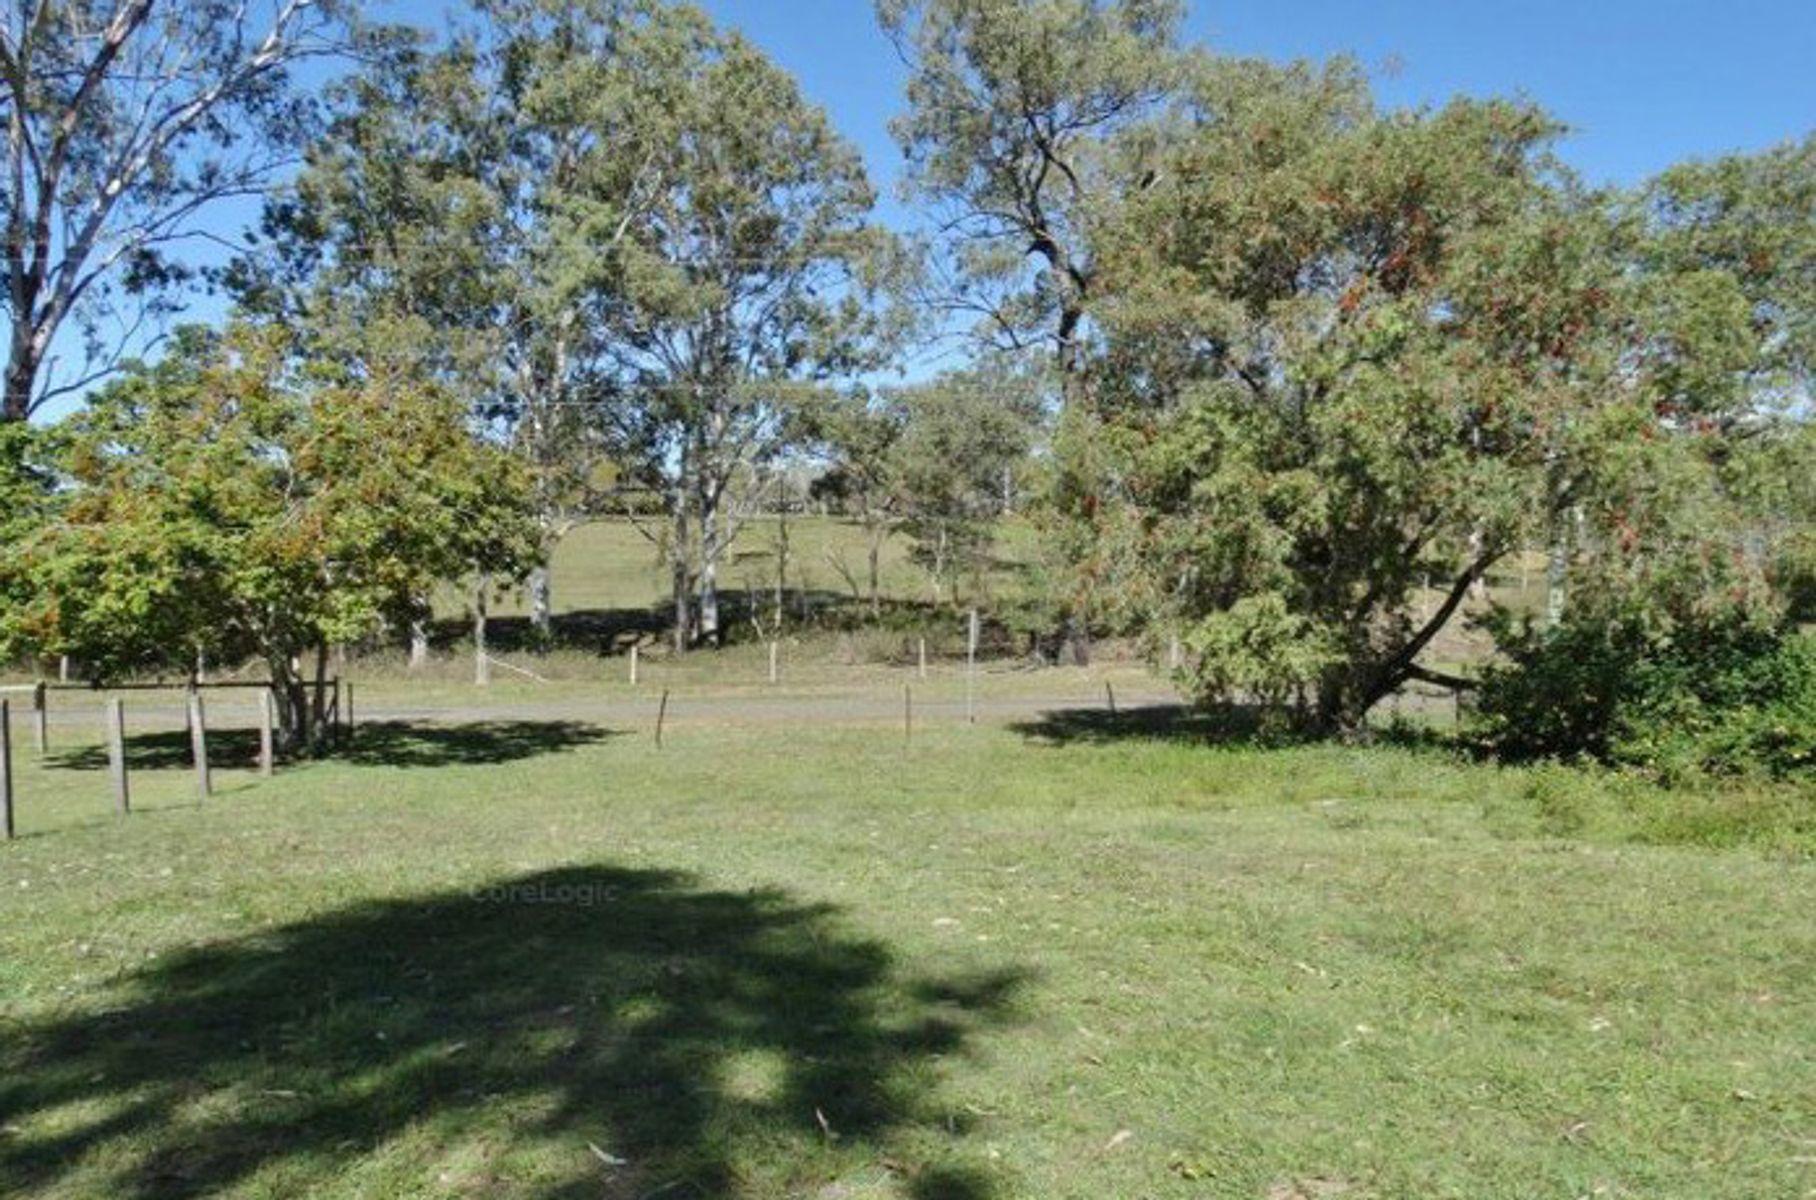 1453 John Clifford Way, Lowmead, QLD 4676